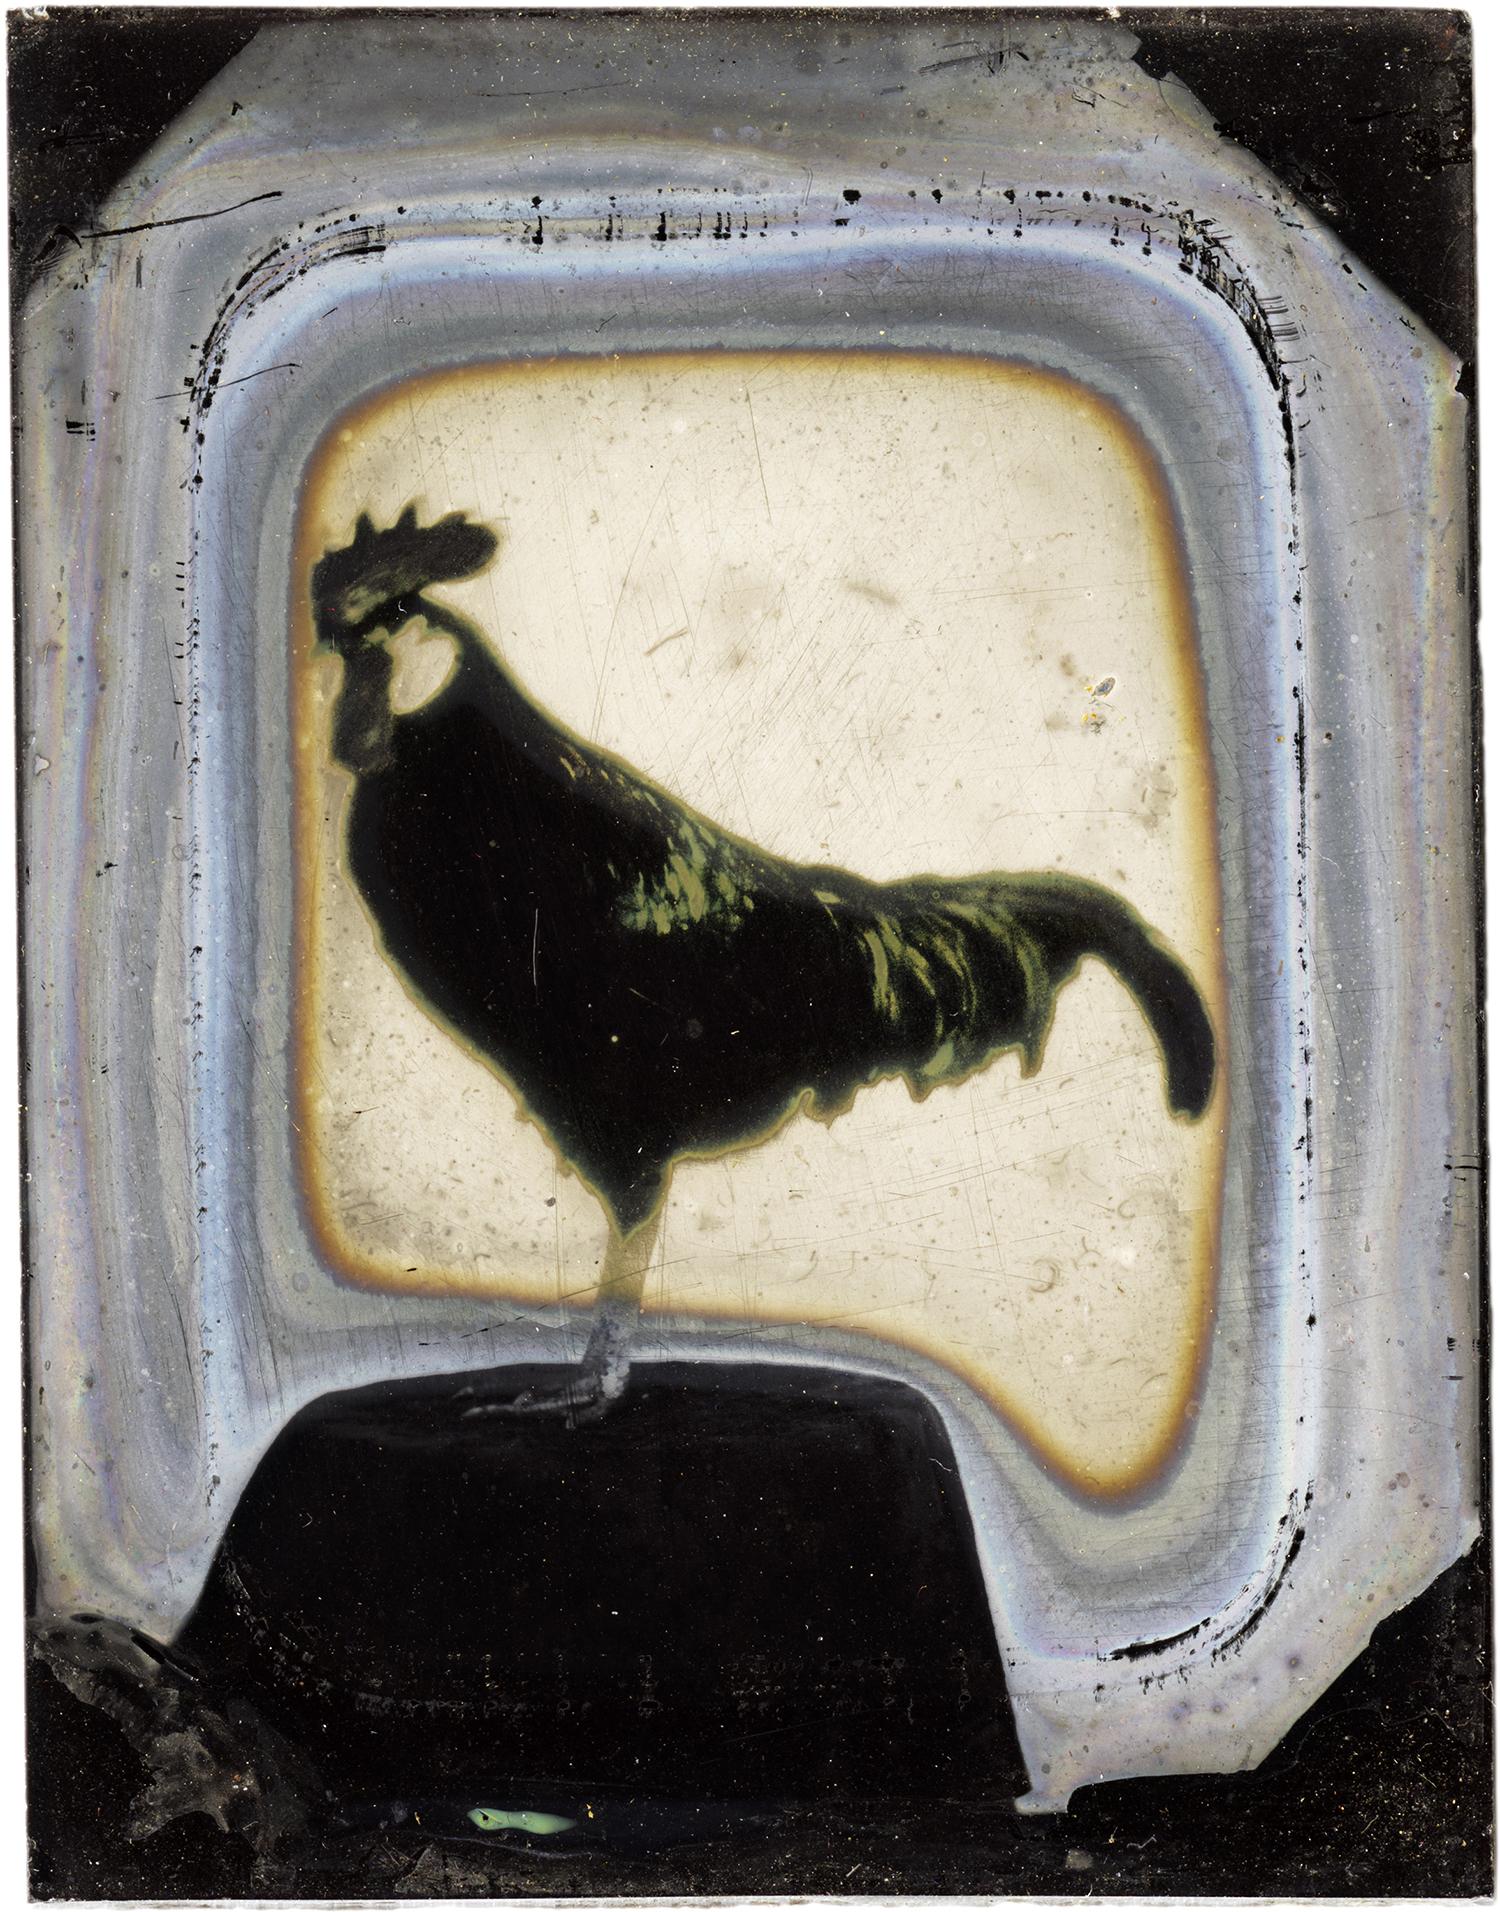 Rooster, 2012 - LR12141